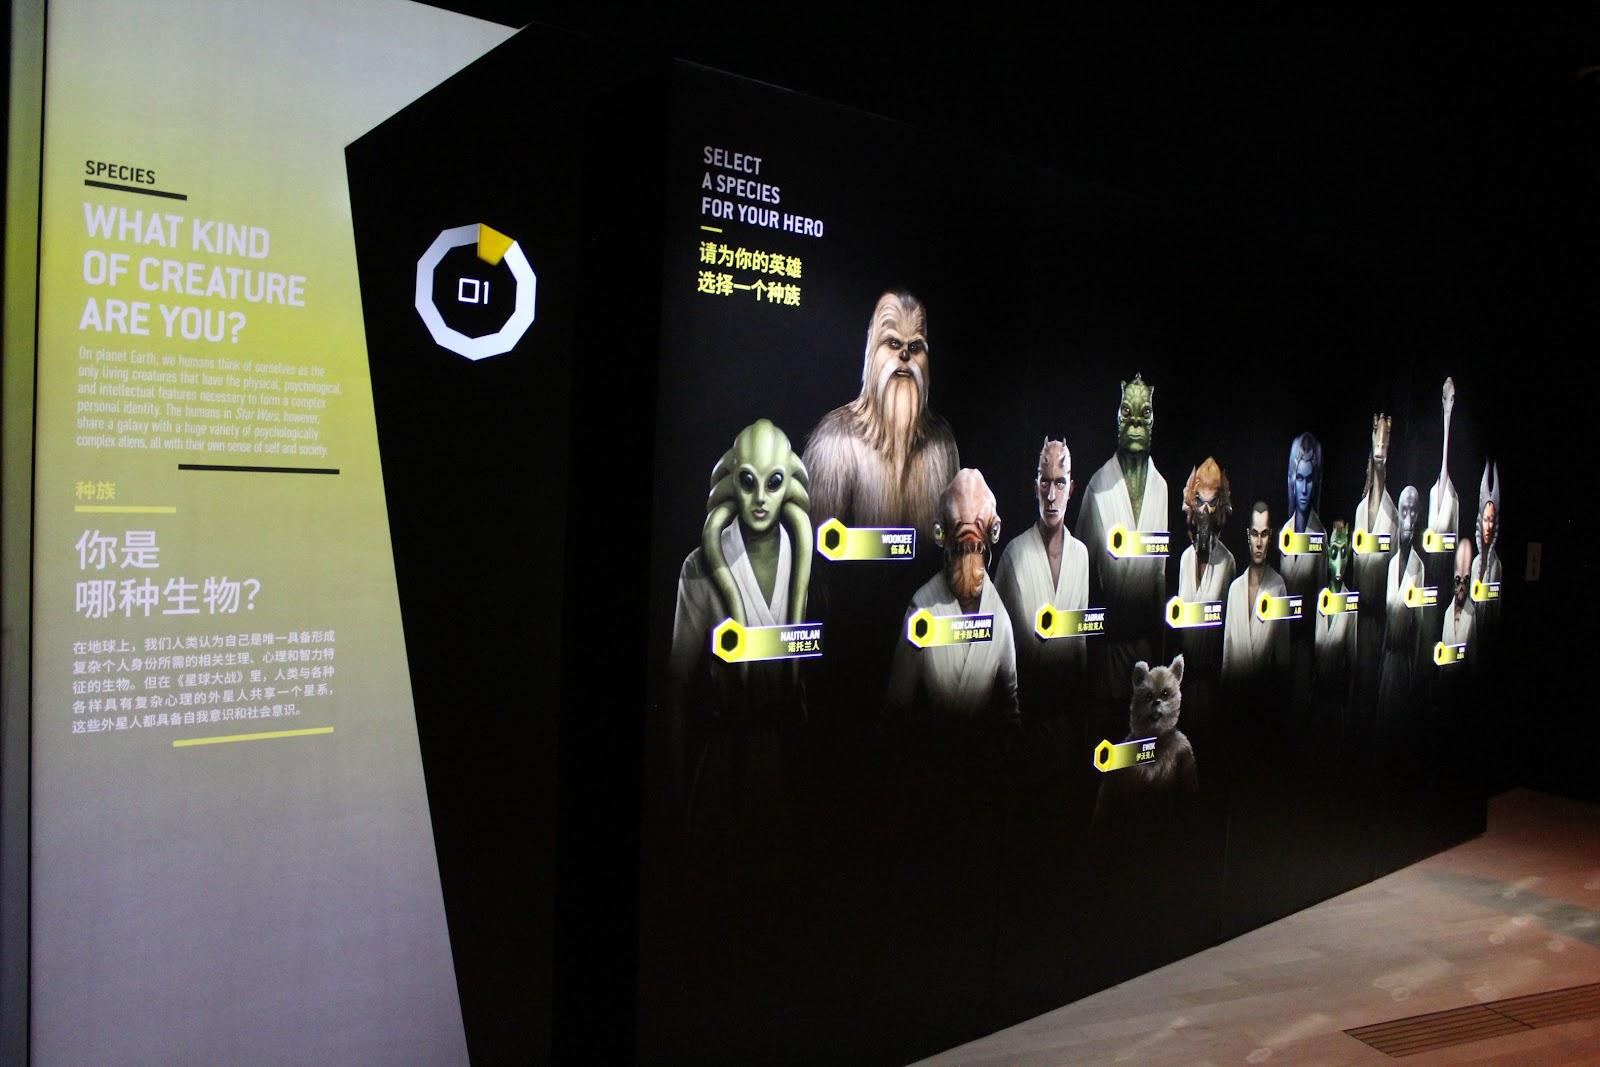 Creature/Alien species selection panel